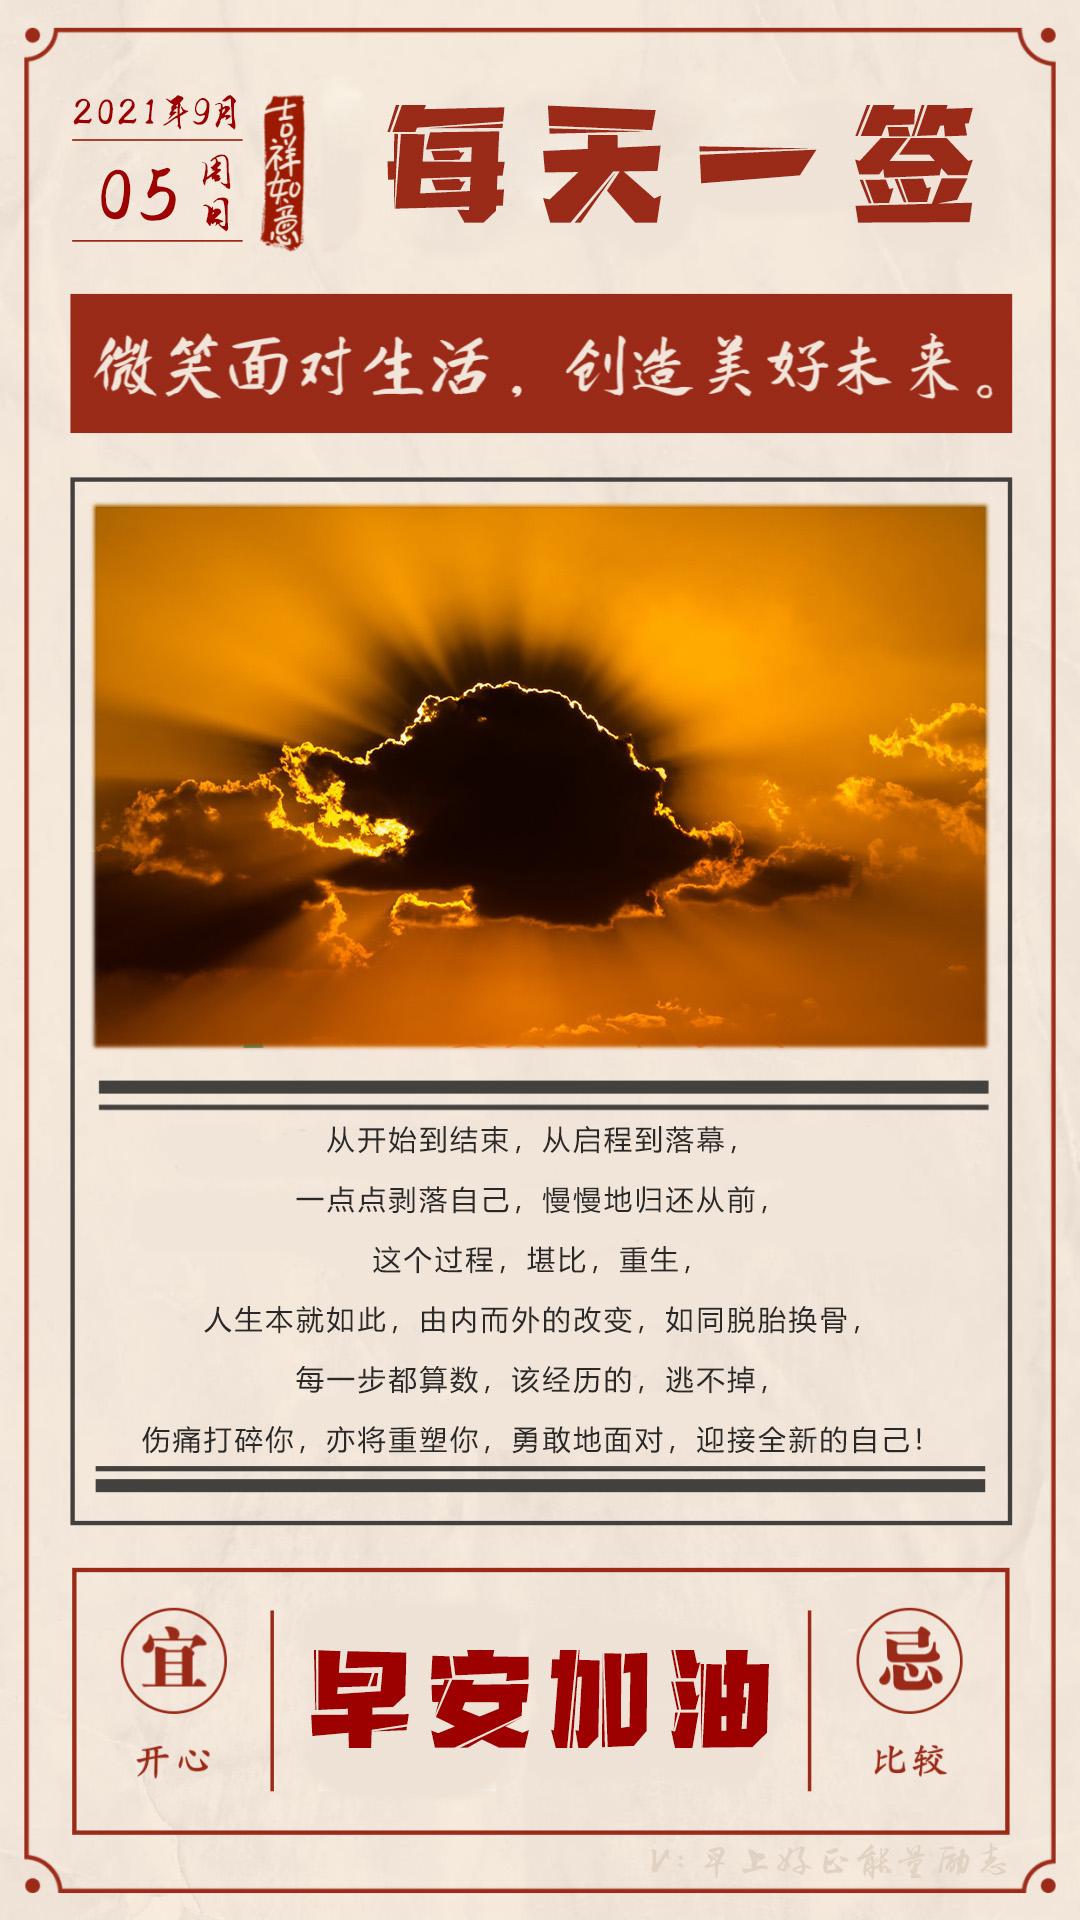 星期天早安阳光心语图片,正能量积极语录